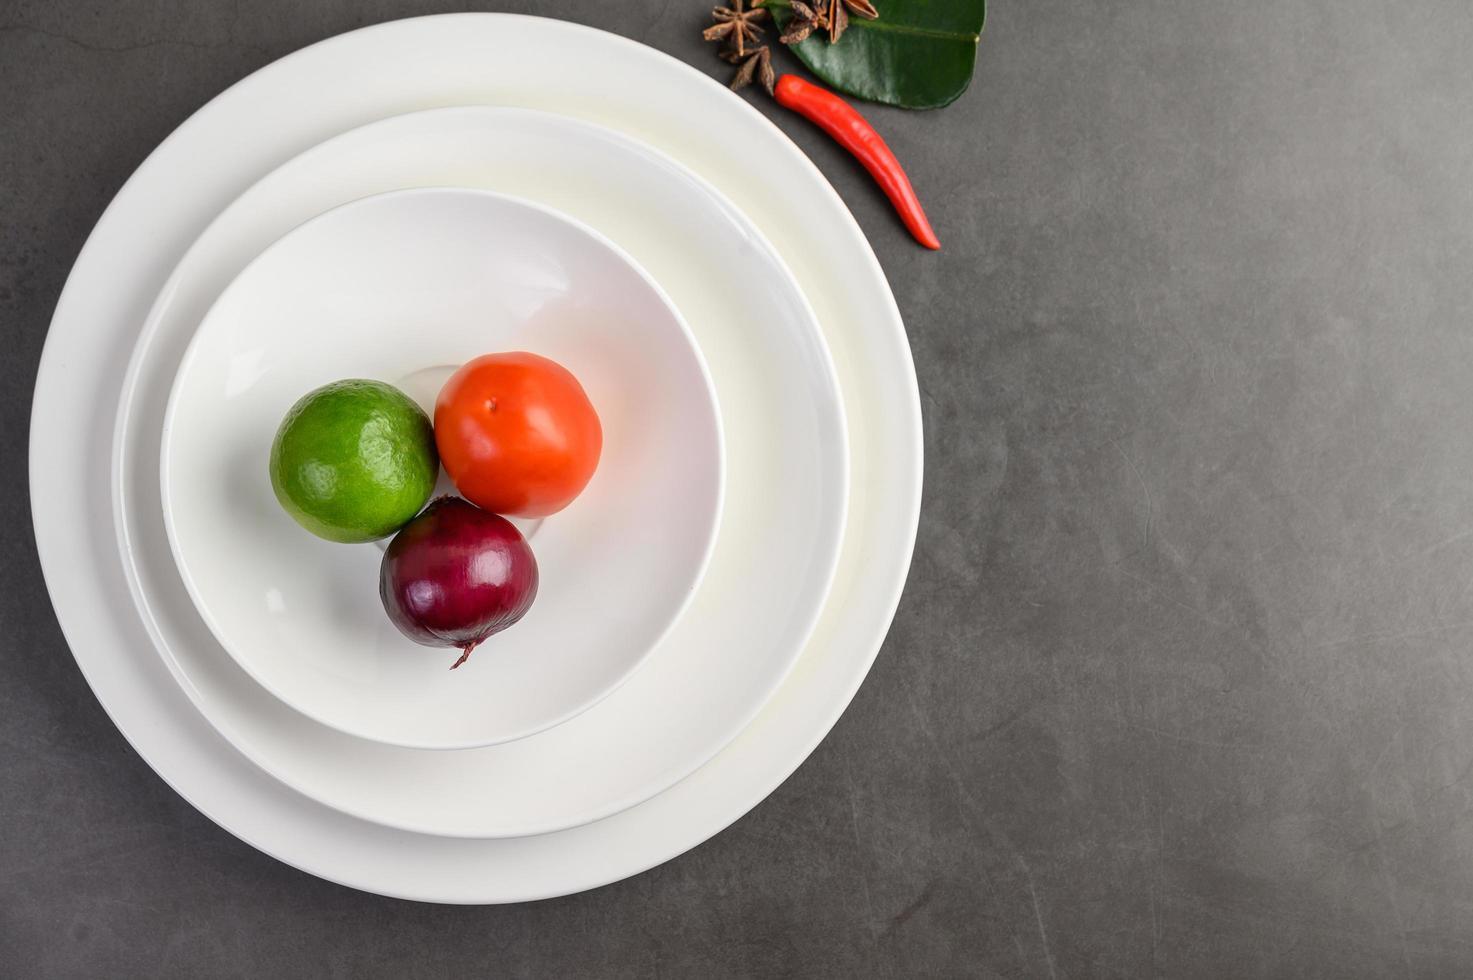 Limette, rote Zwiebel und Tomaten auf einem weißen Teller foto